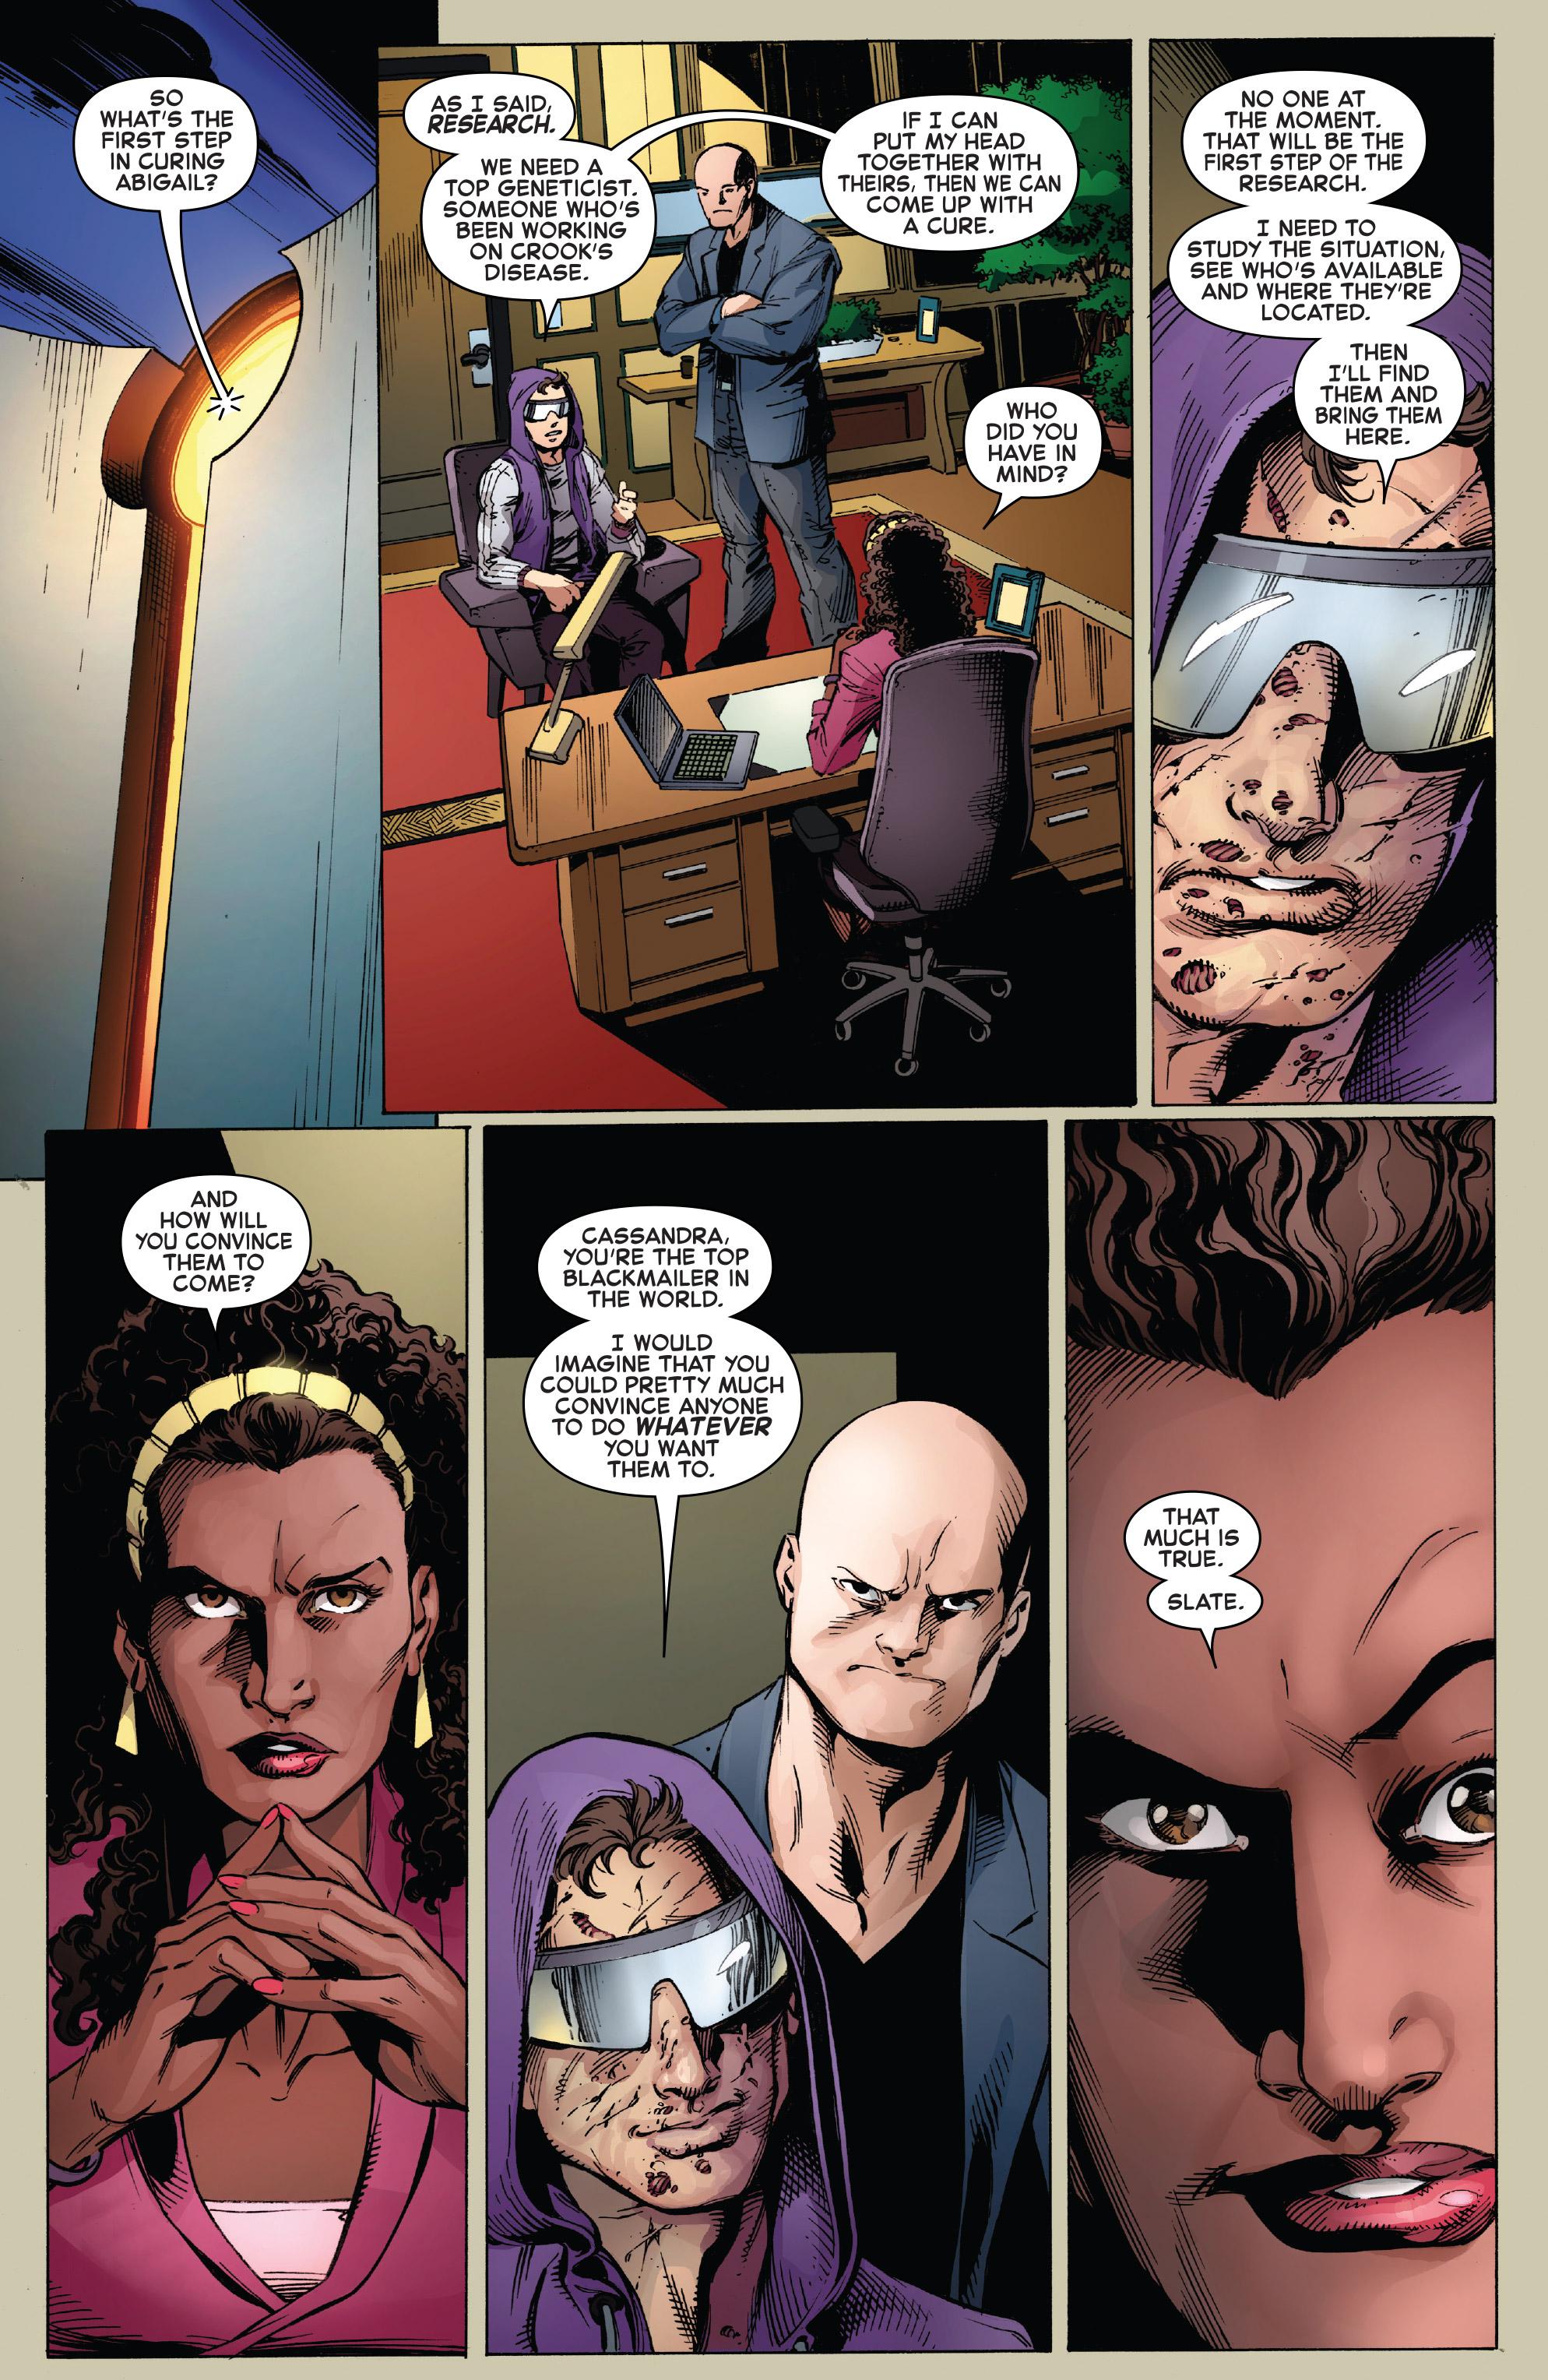 Read online Ben Reilly: Scarlet Spider comic -  Issue #3 - 7